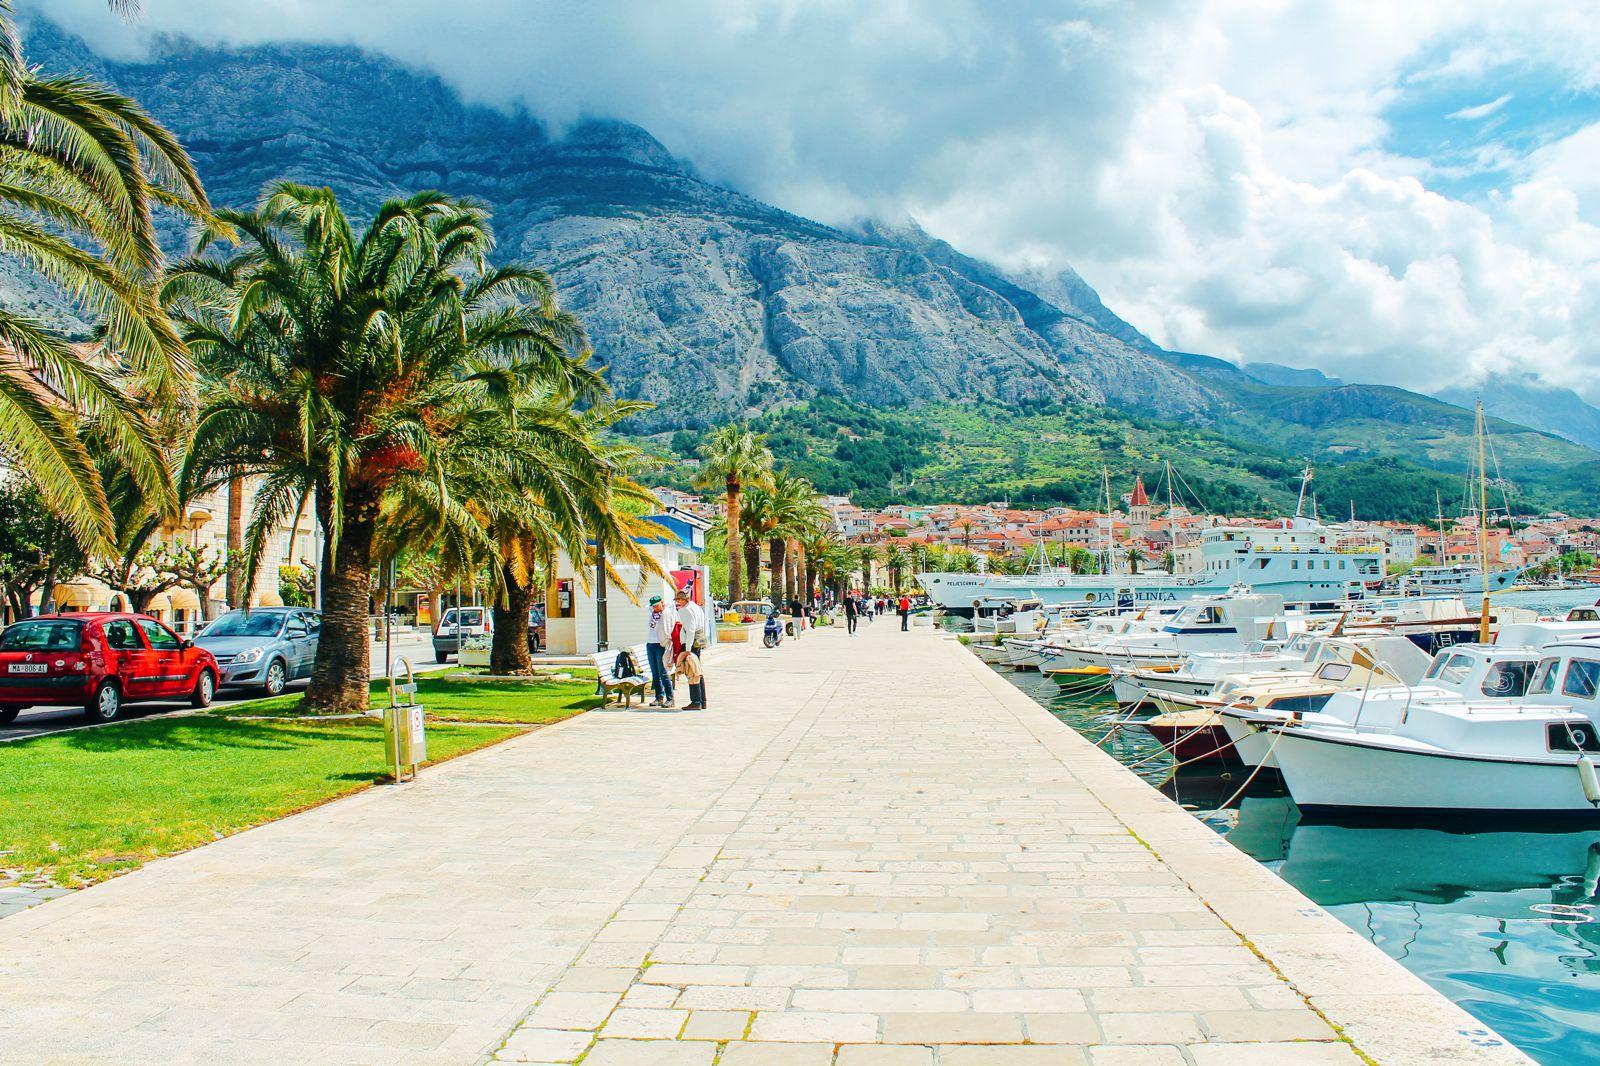 Makarska Riviera Отдых в Хорватии туры хорватию хорватия Отдых в Хорватии — 9 курортных мест Адриатического побережья Makarska Riv 60era